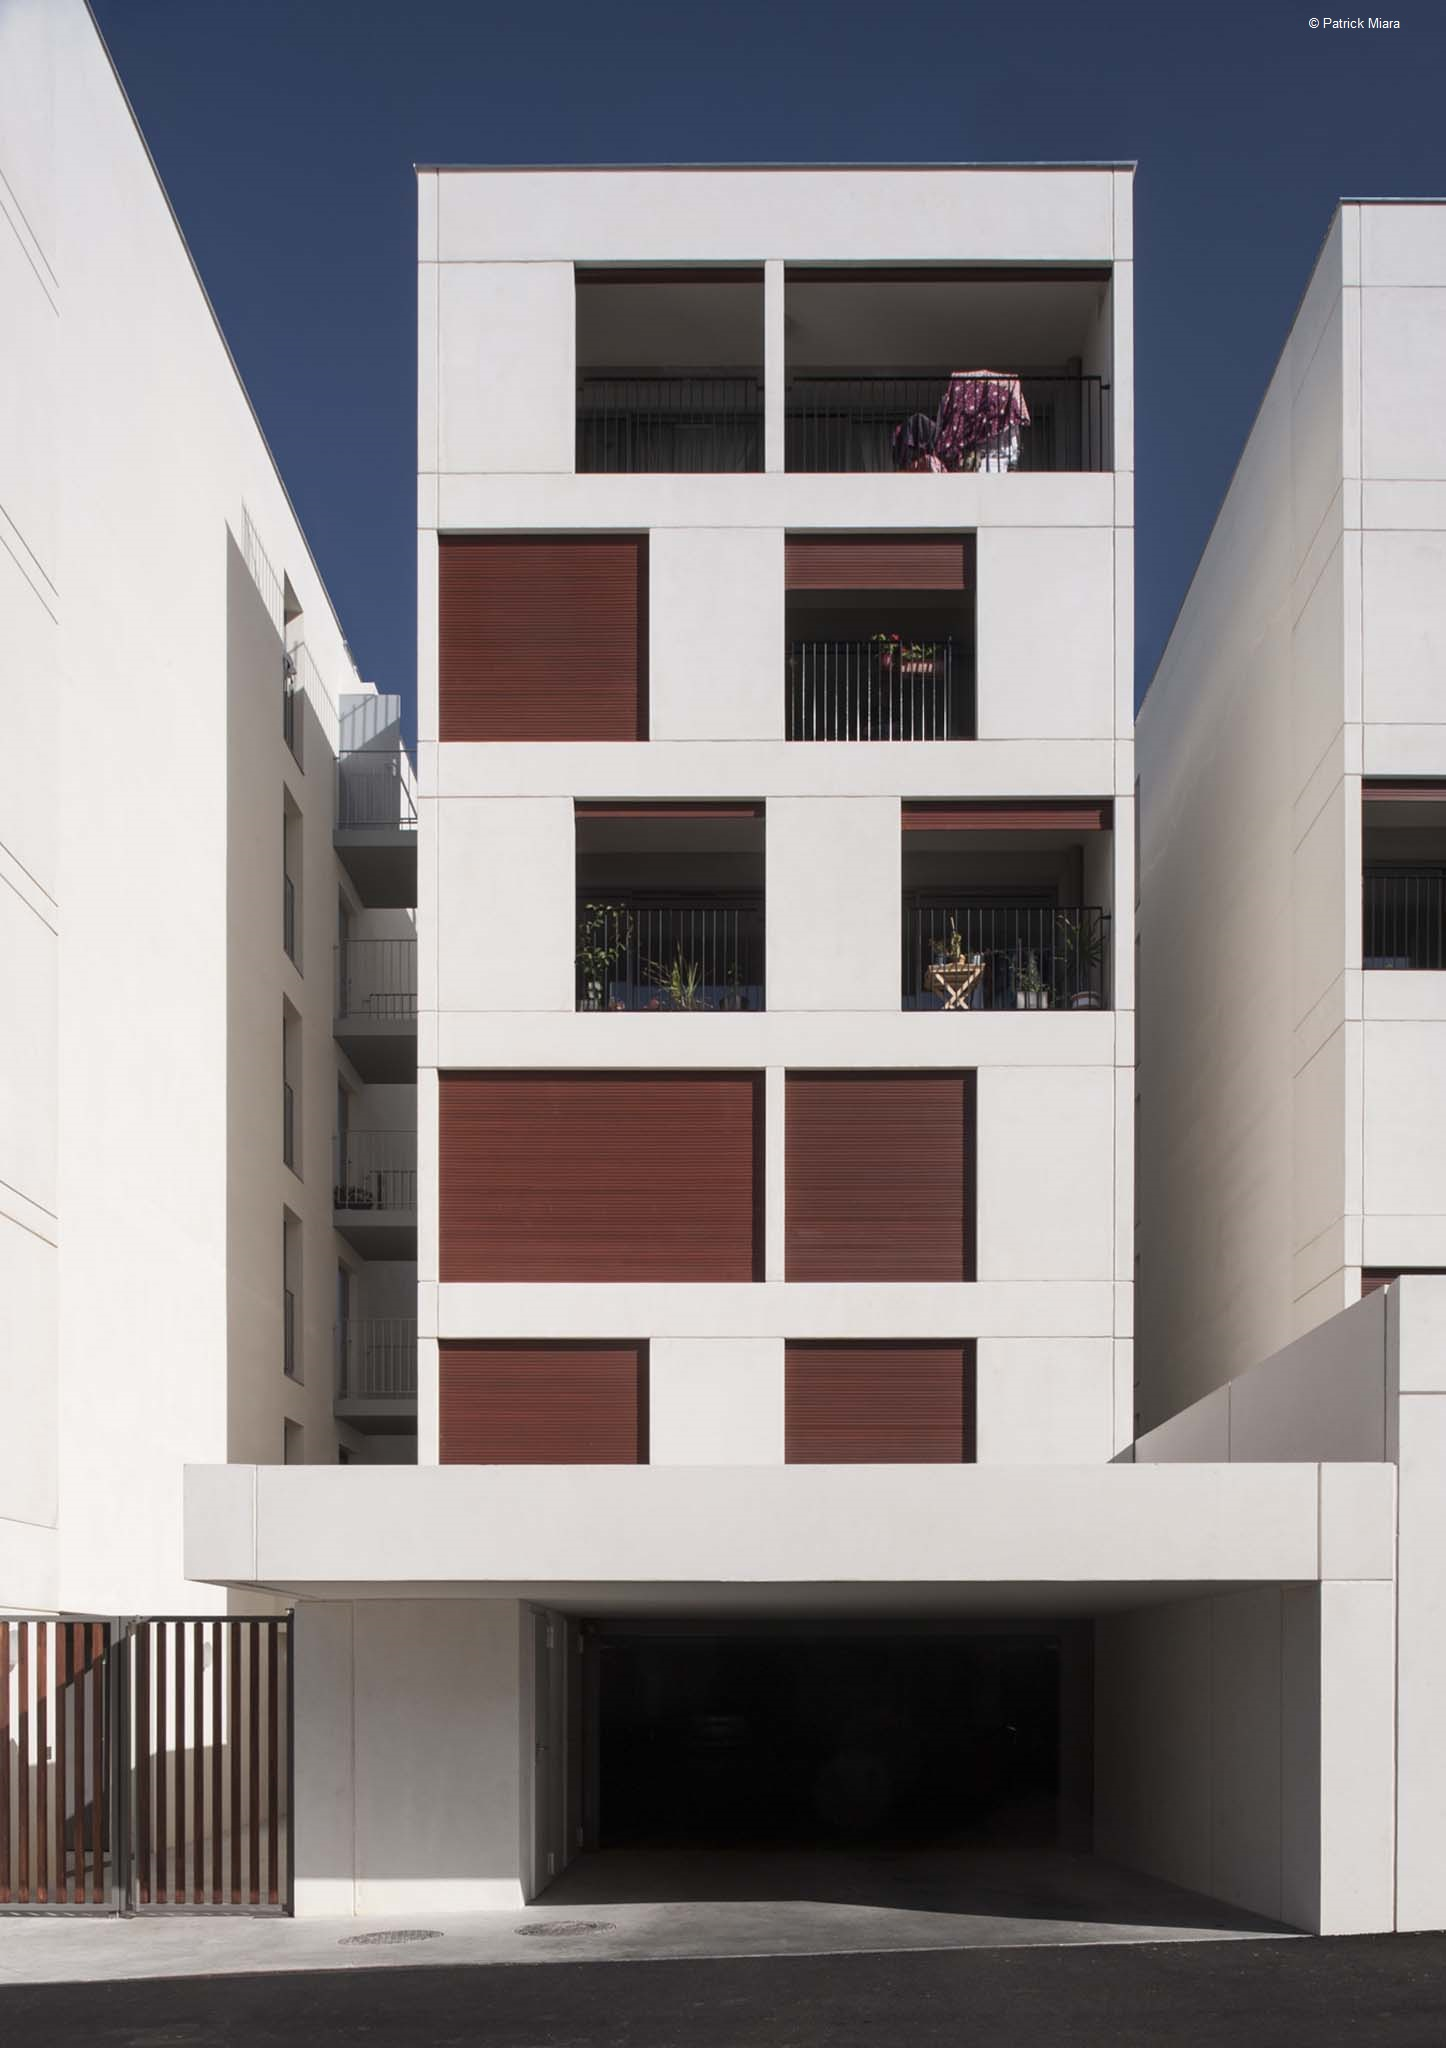 Construction de 60 logements ancienne caserne fauche for Bordeaux logement